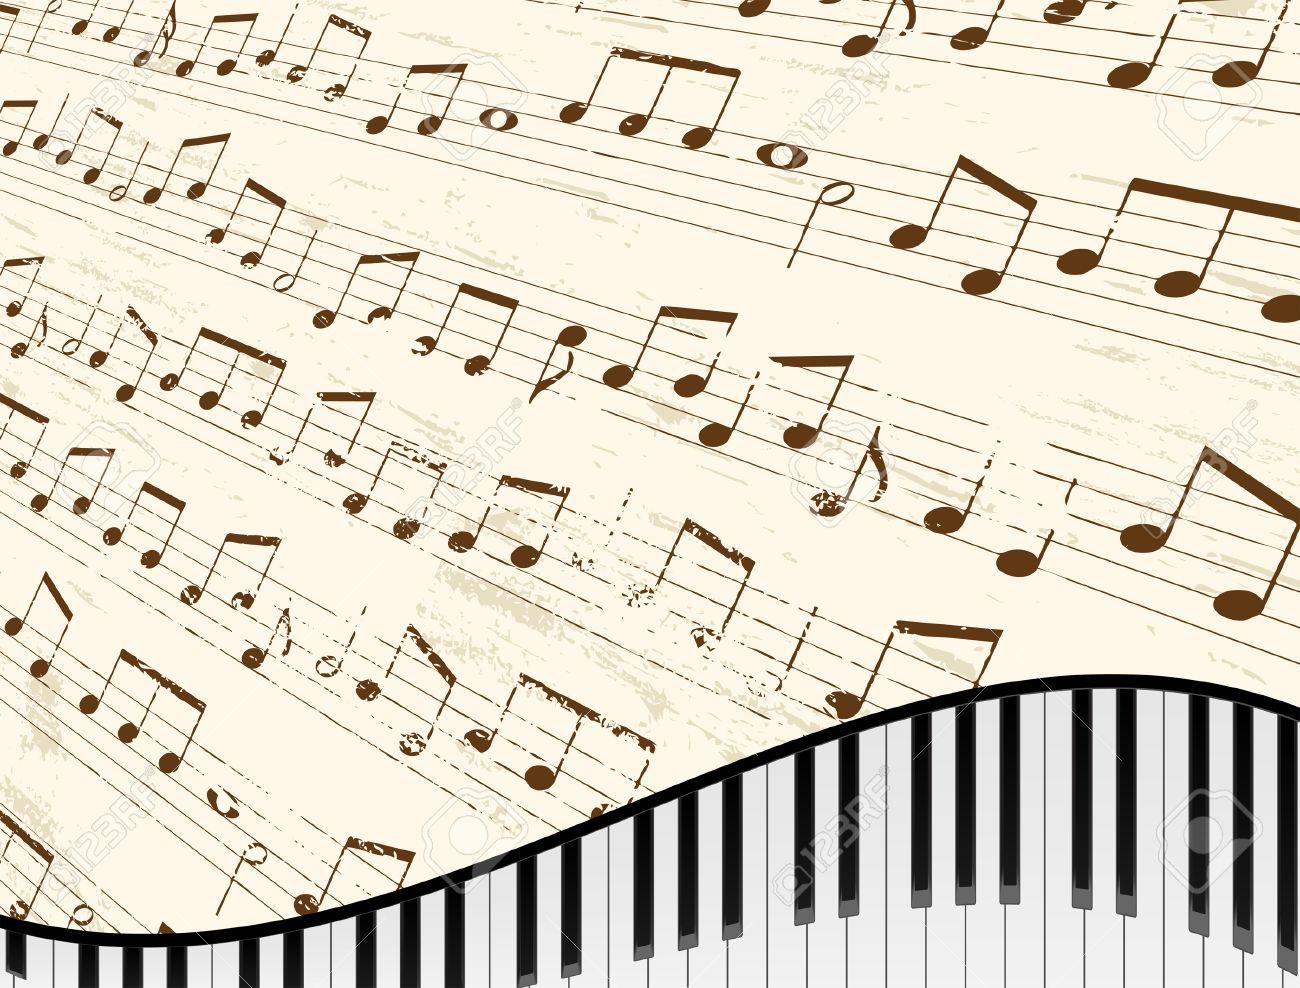 Piano Sheet Music Clipart.